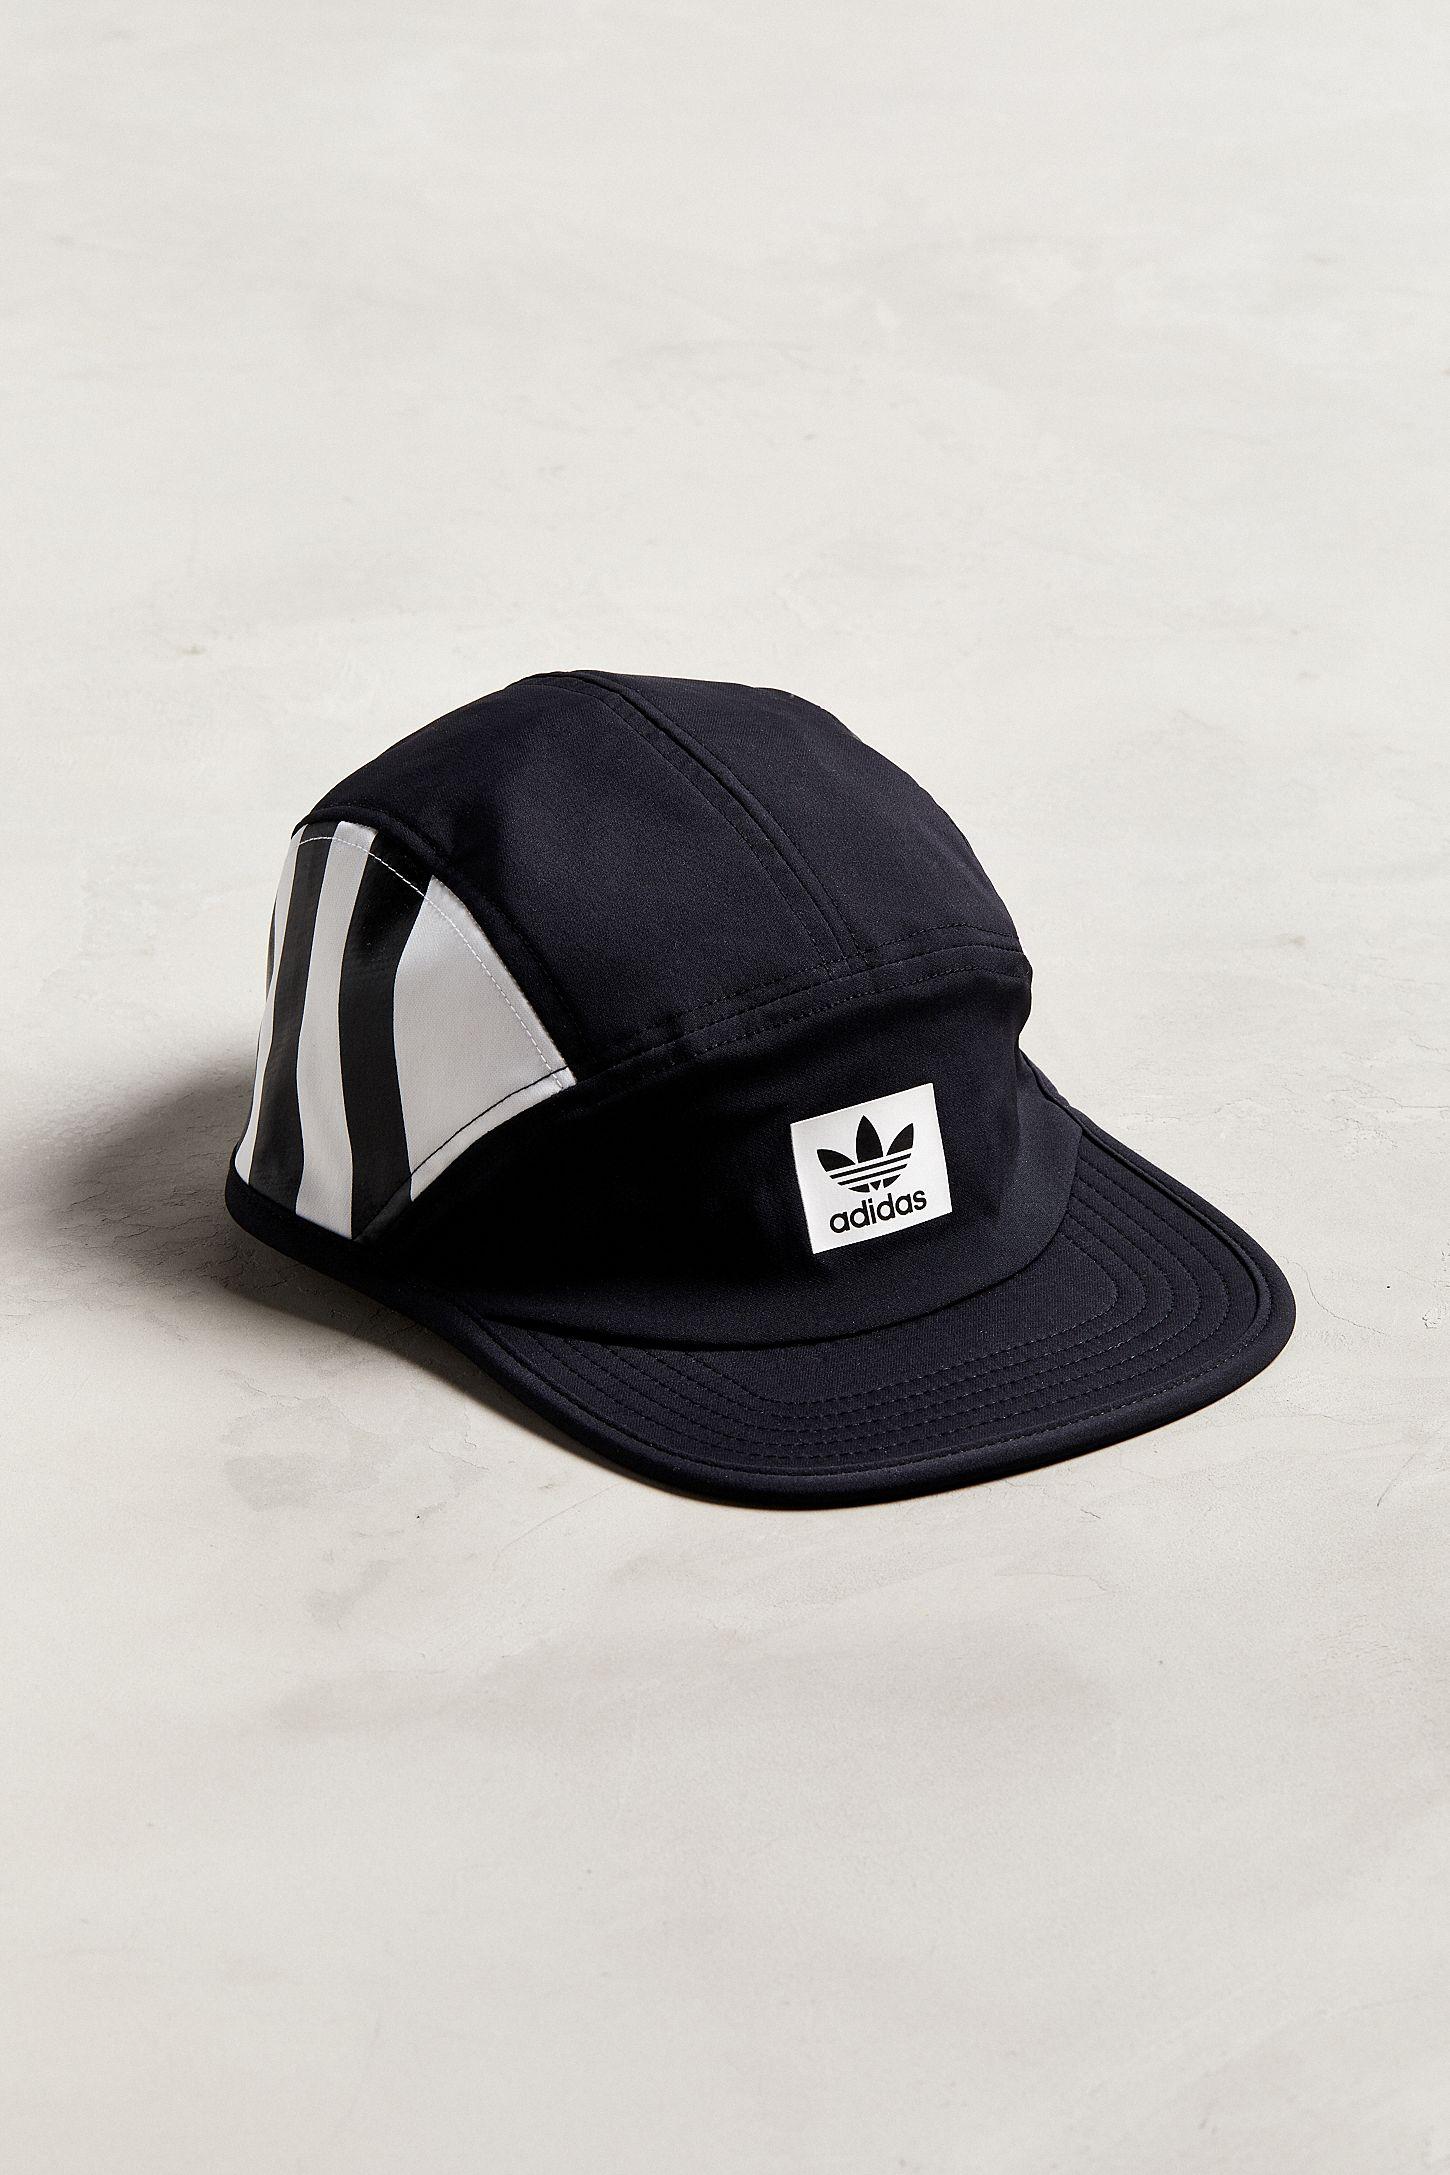 7229150b70d adidas Originals Three-Stripes Camper Hat